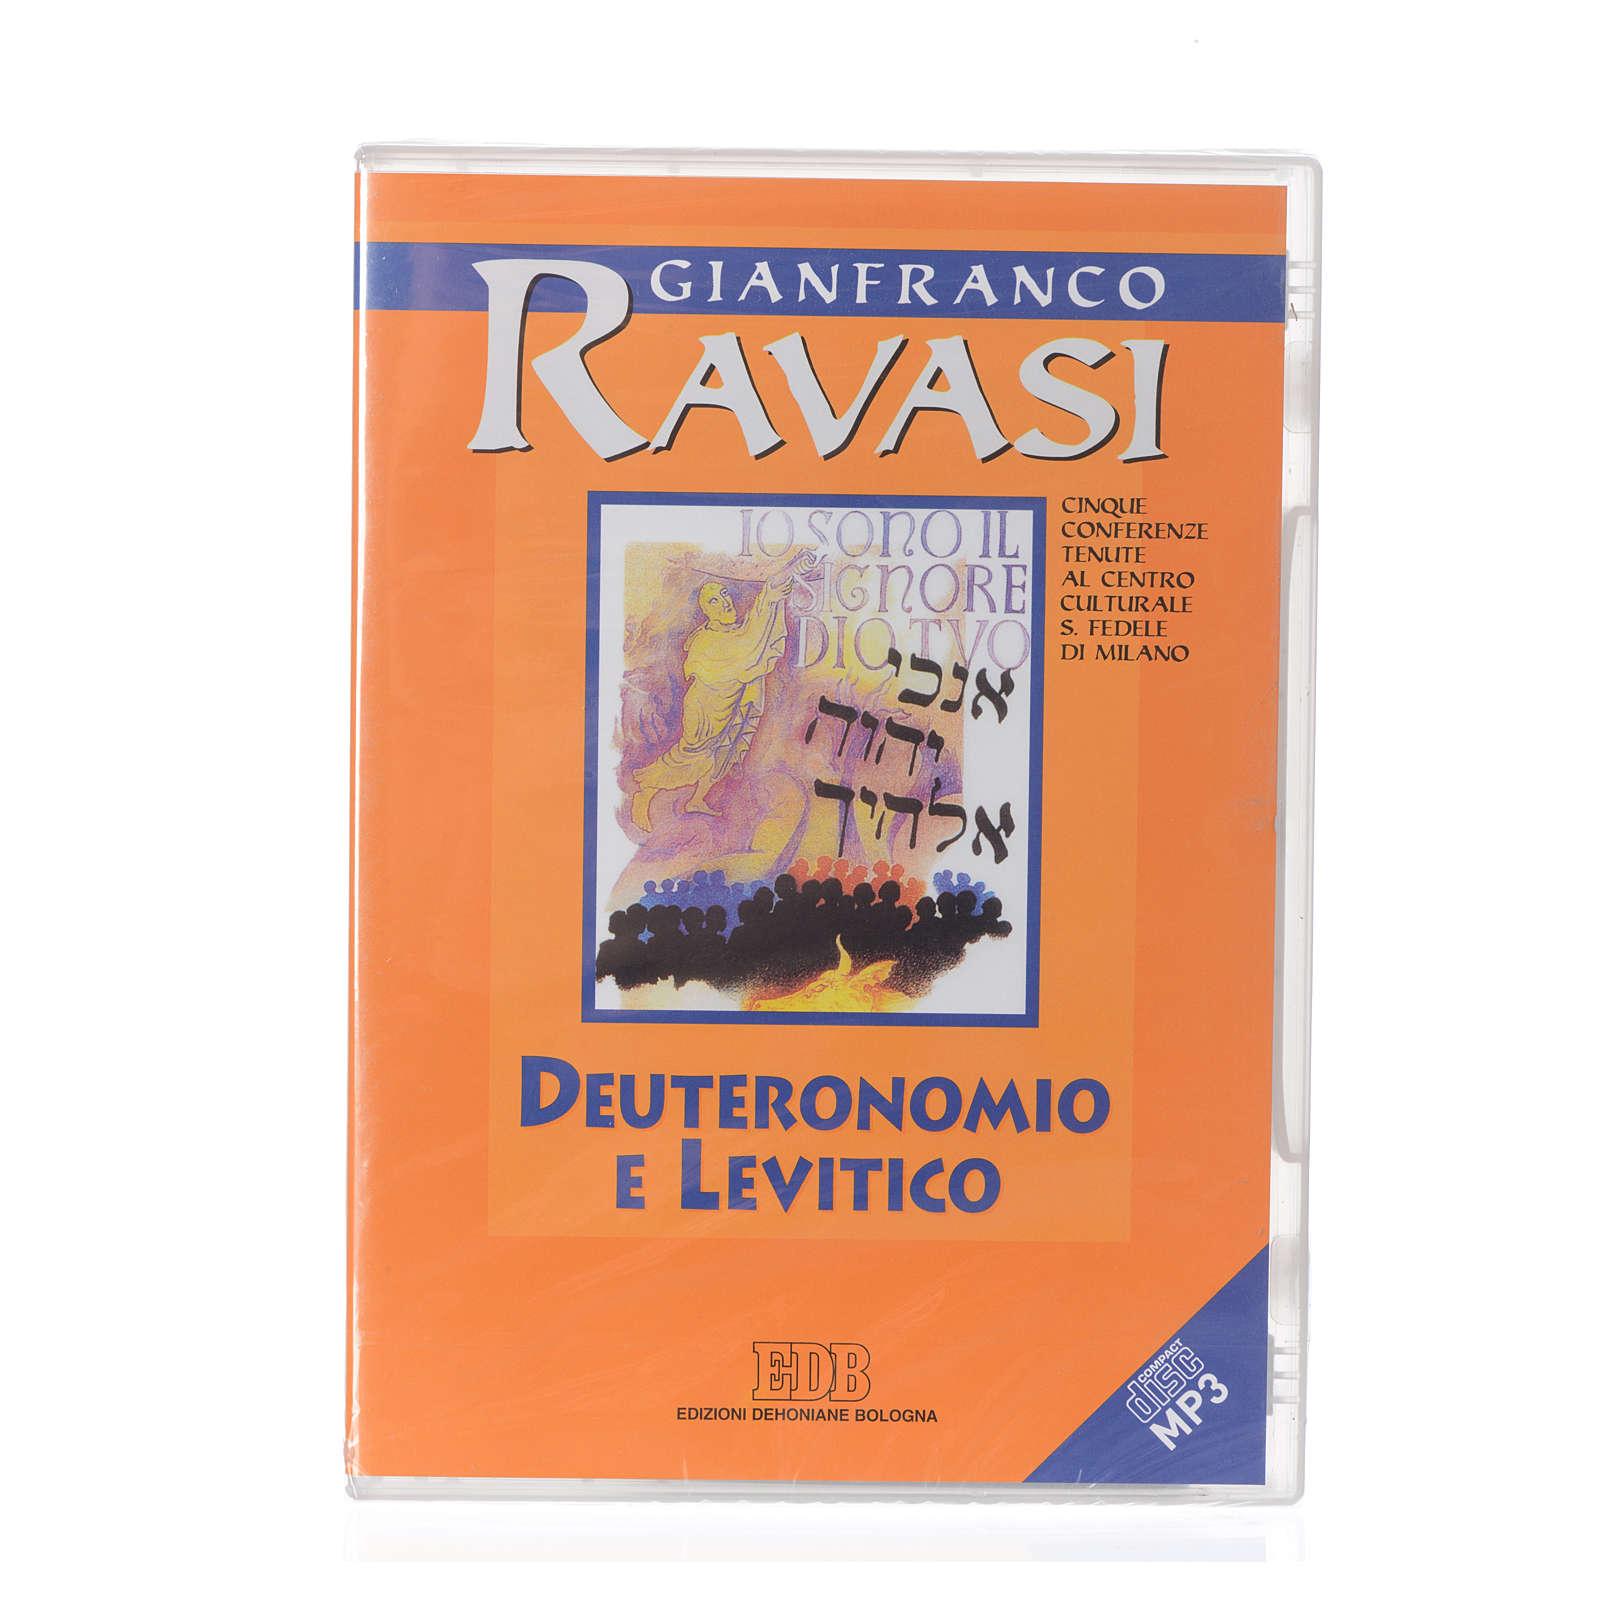 Deuteronomio e Levitico - Cd Conferenze 4